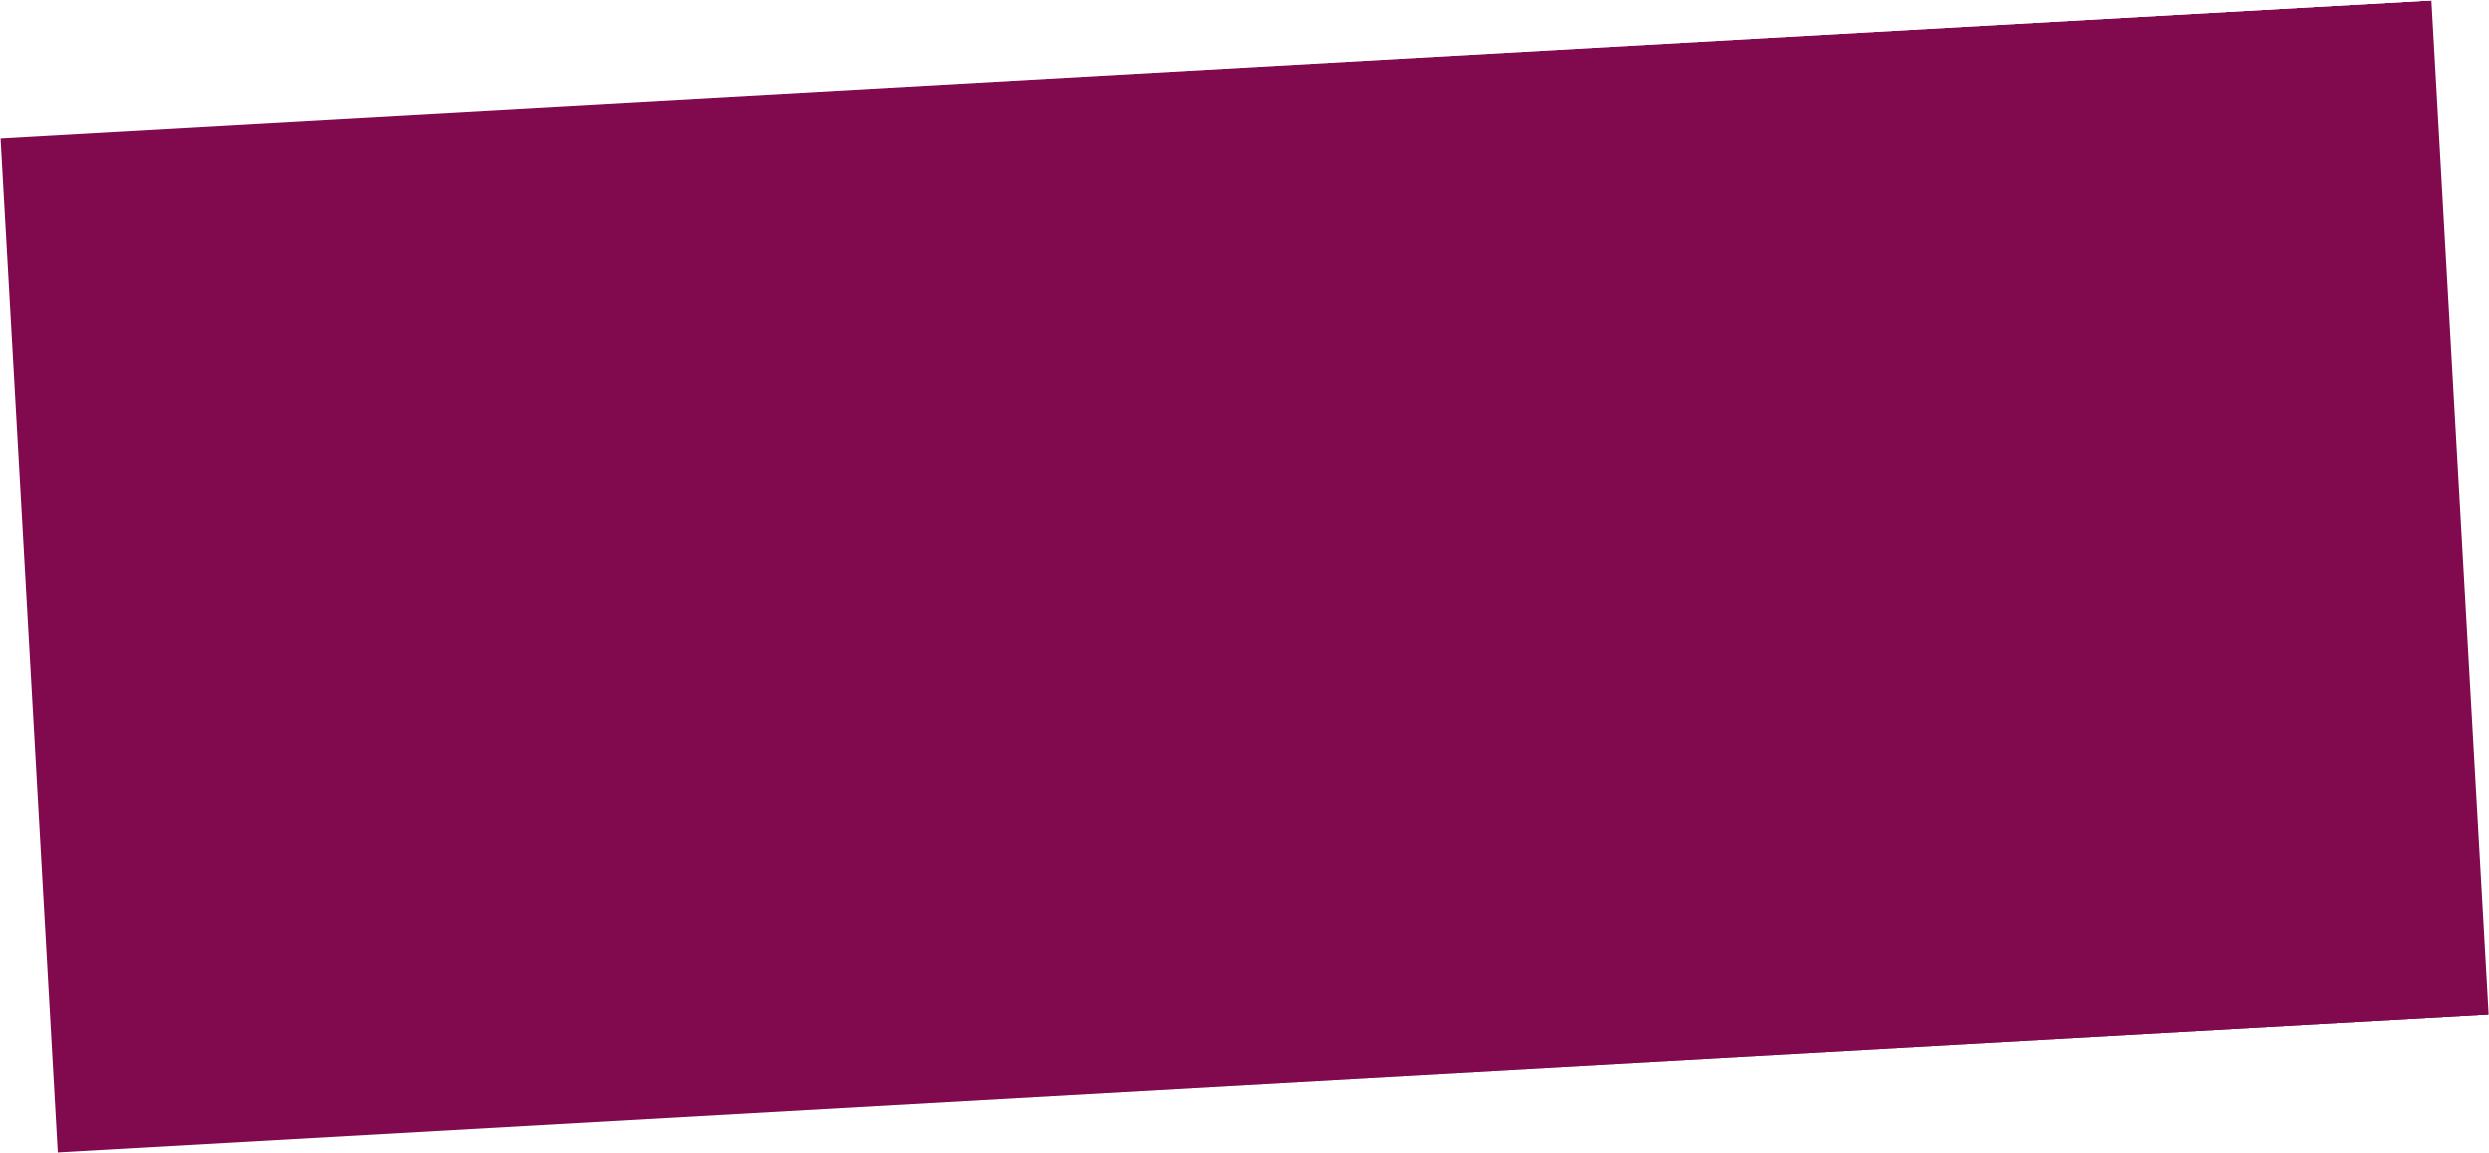 violet_graff